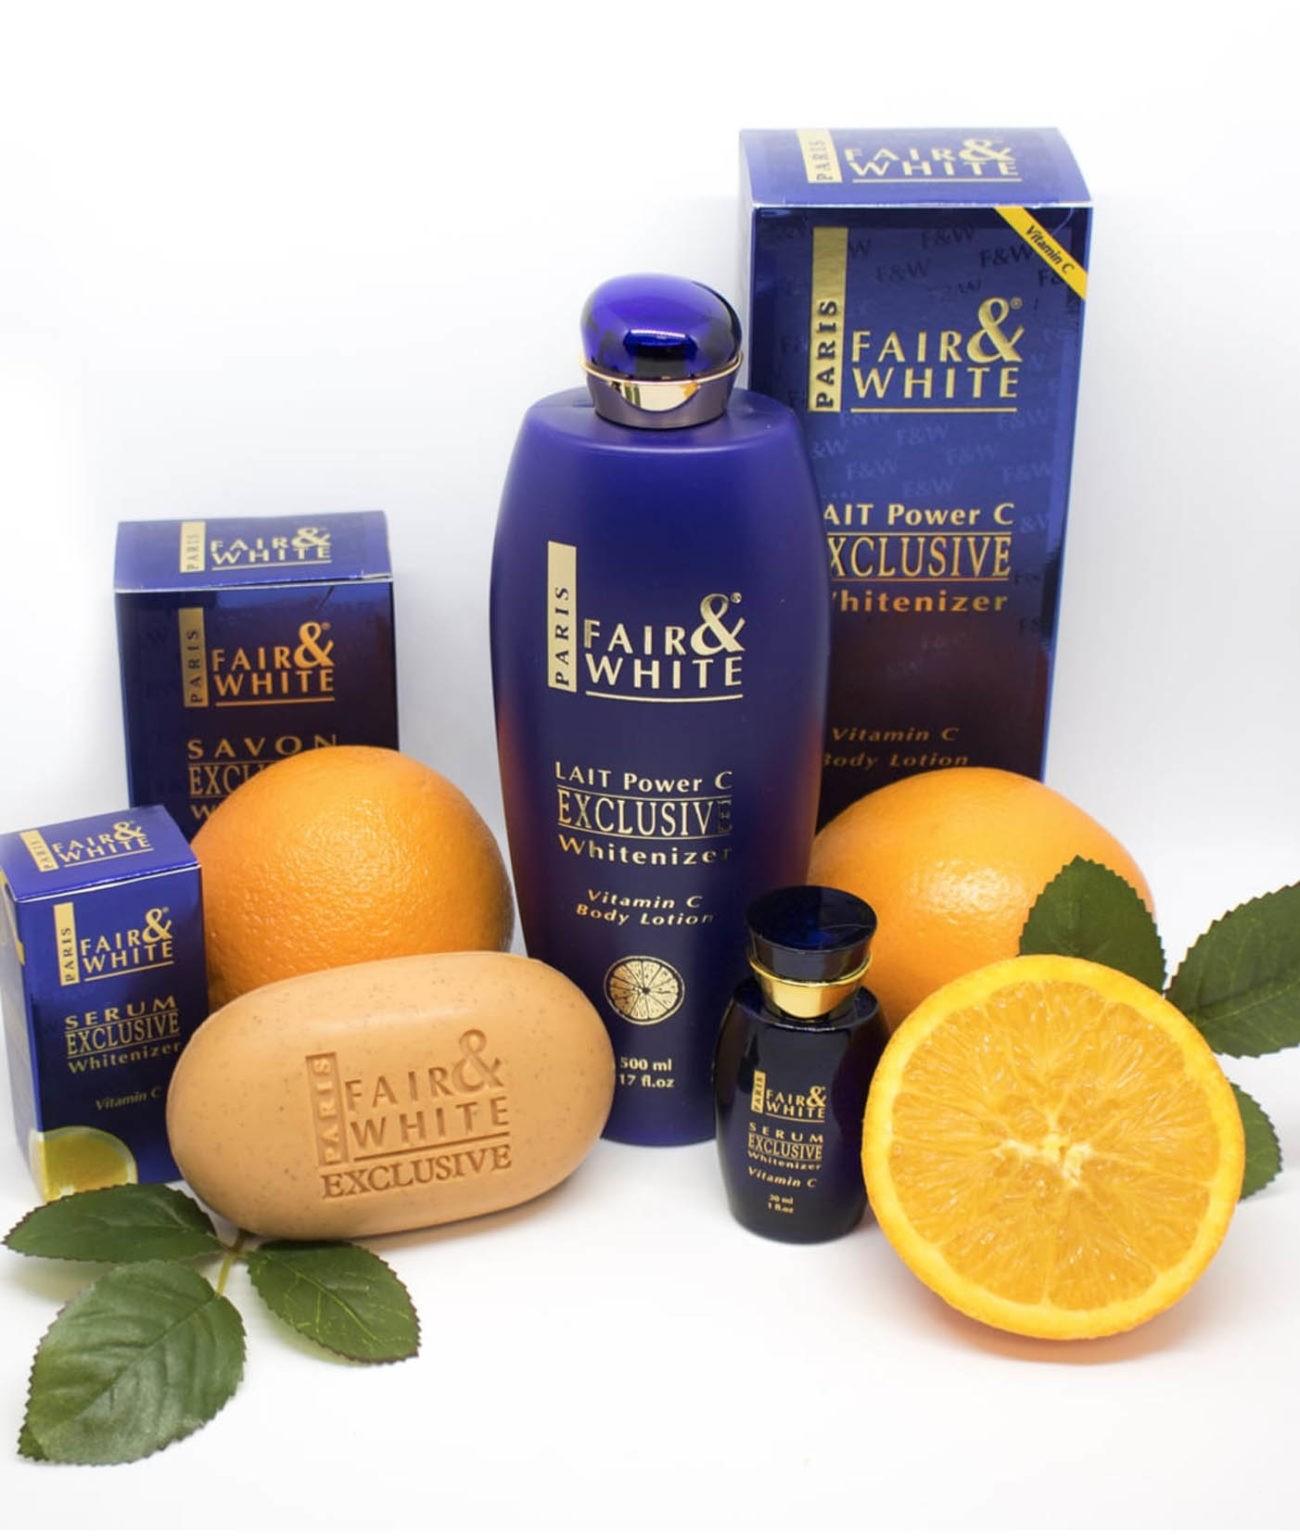 F&W Exclusive. Vitamin C